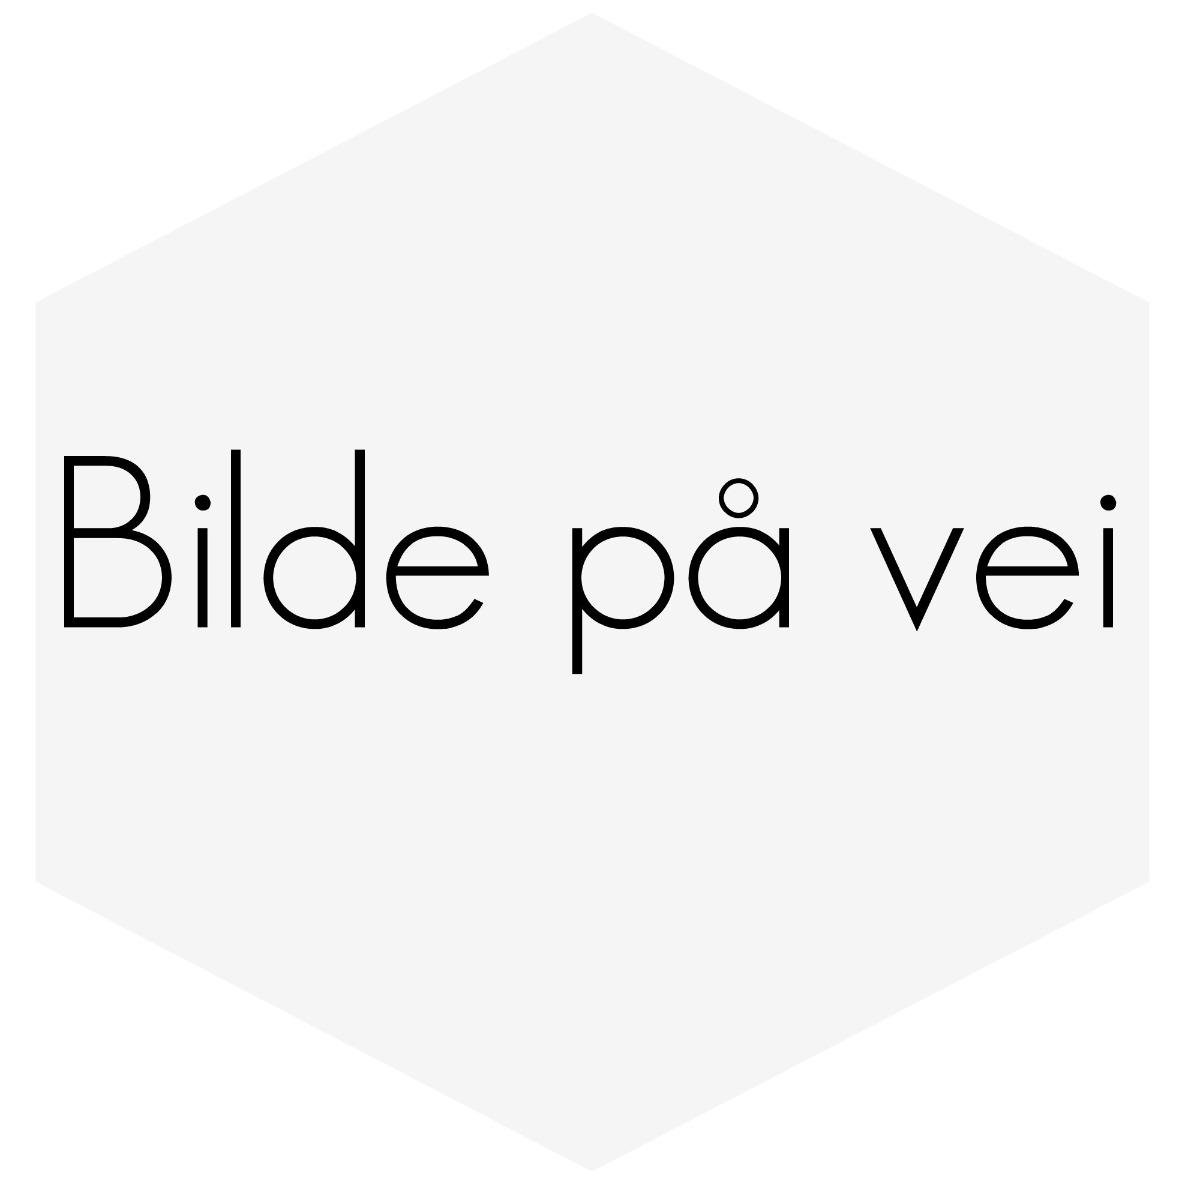 T-RØR TIL DUMPVENTIL I ALUMINIUM UTV.76MM/32MM UT TIL DUMP